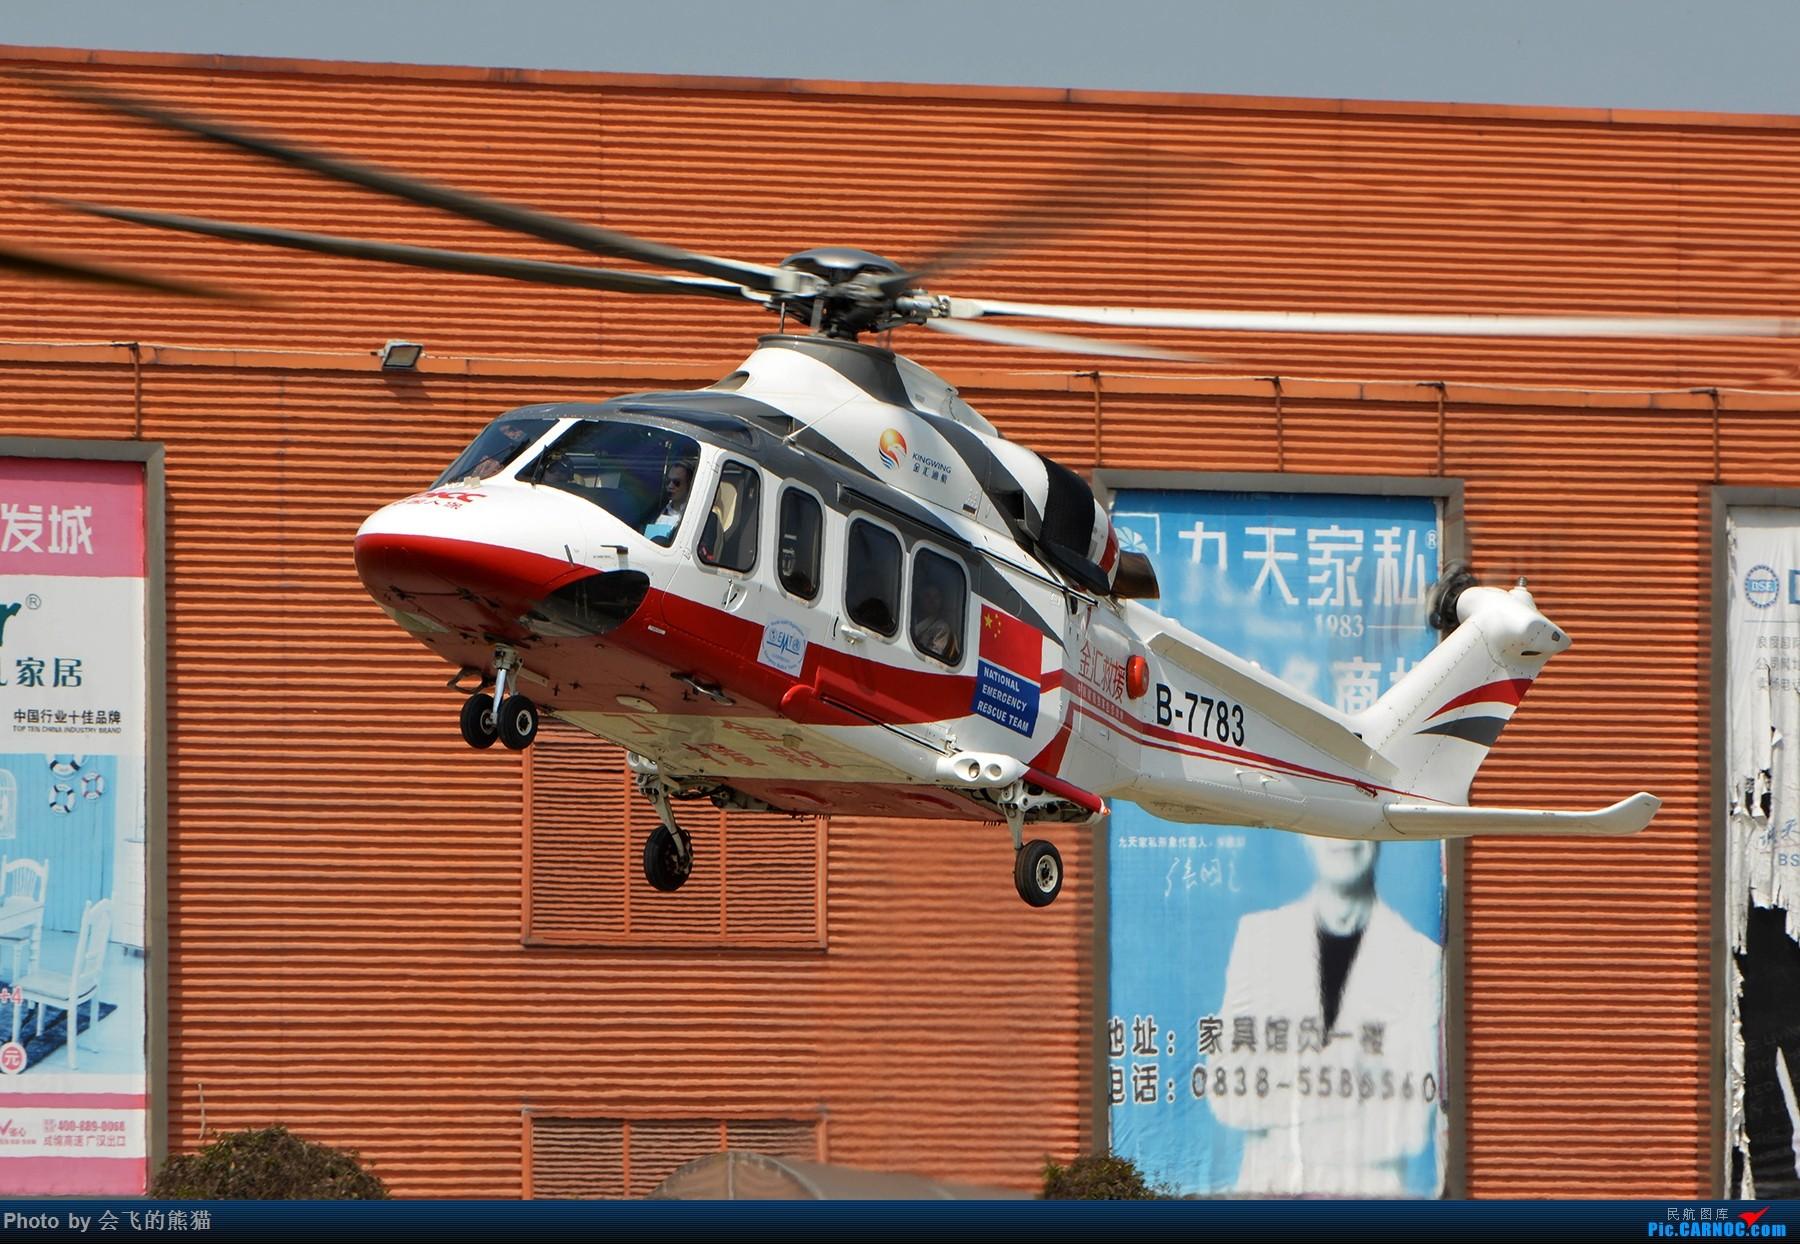 [原创]偶遇 AGUSTA AW139 B-7783 西林凤腾广汉基地